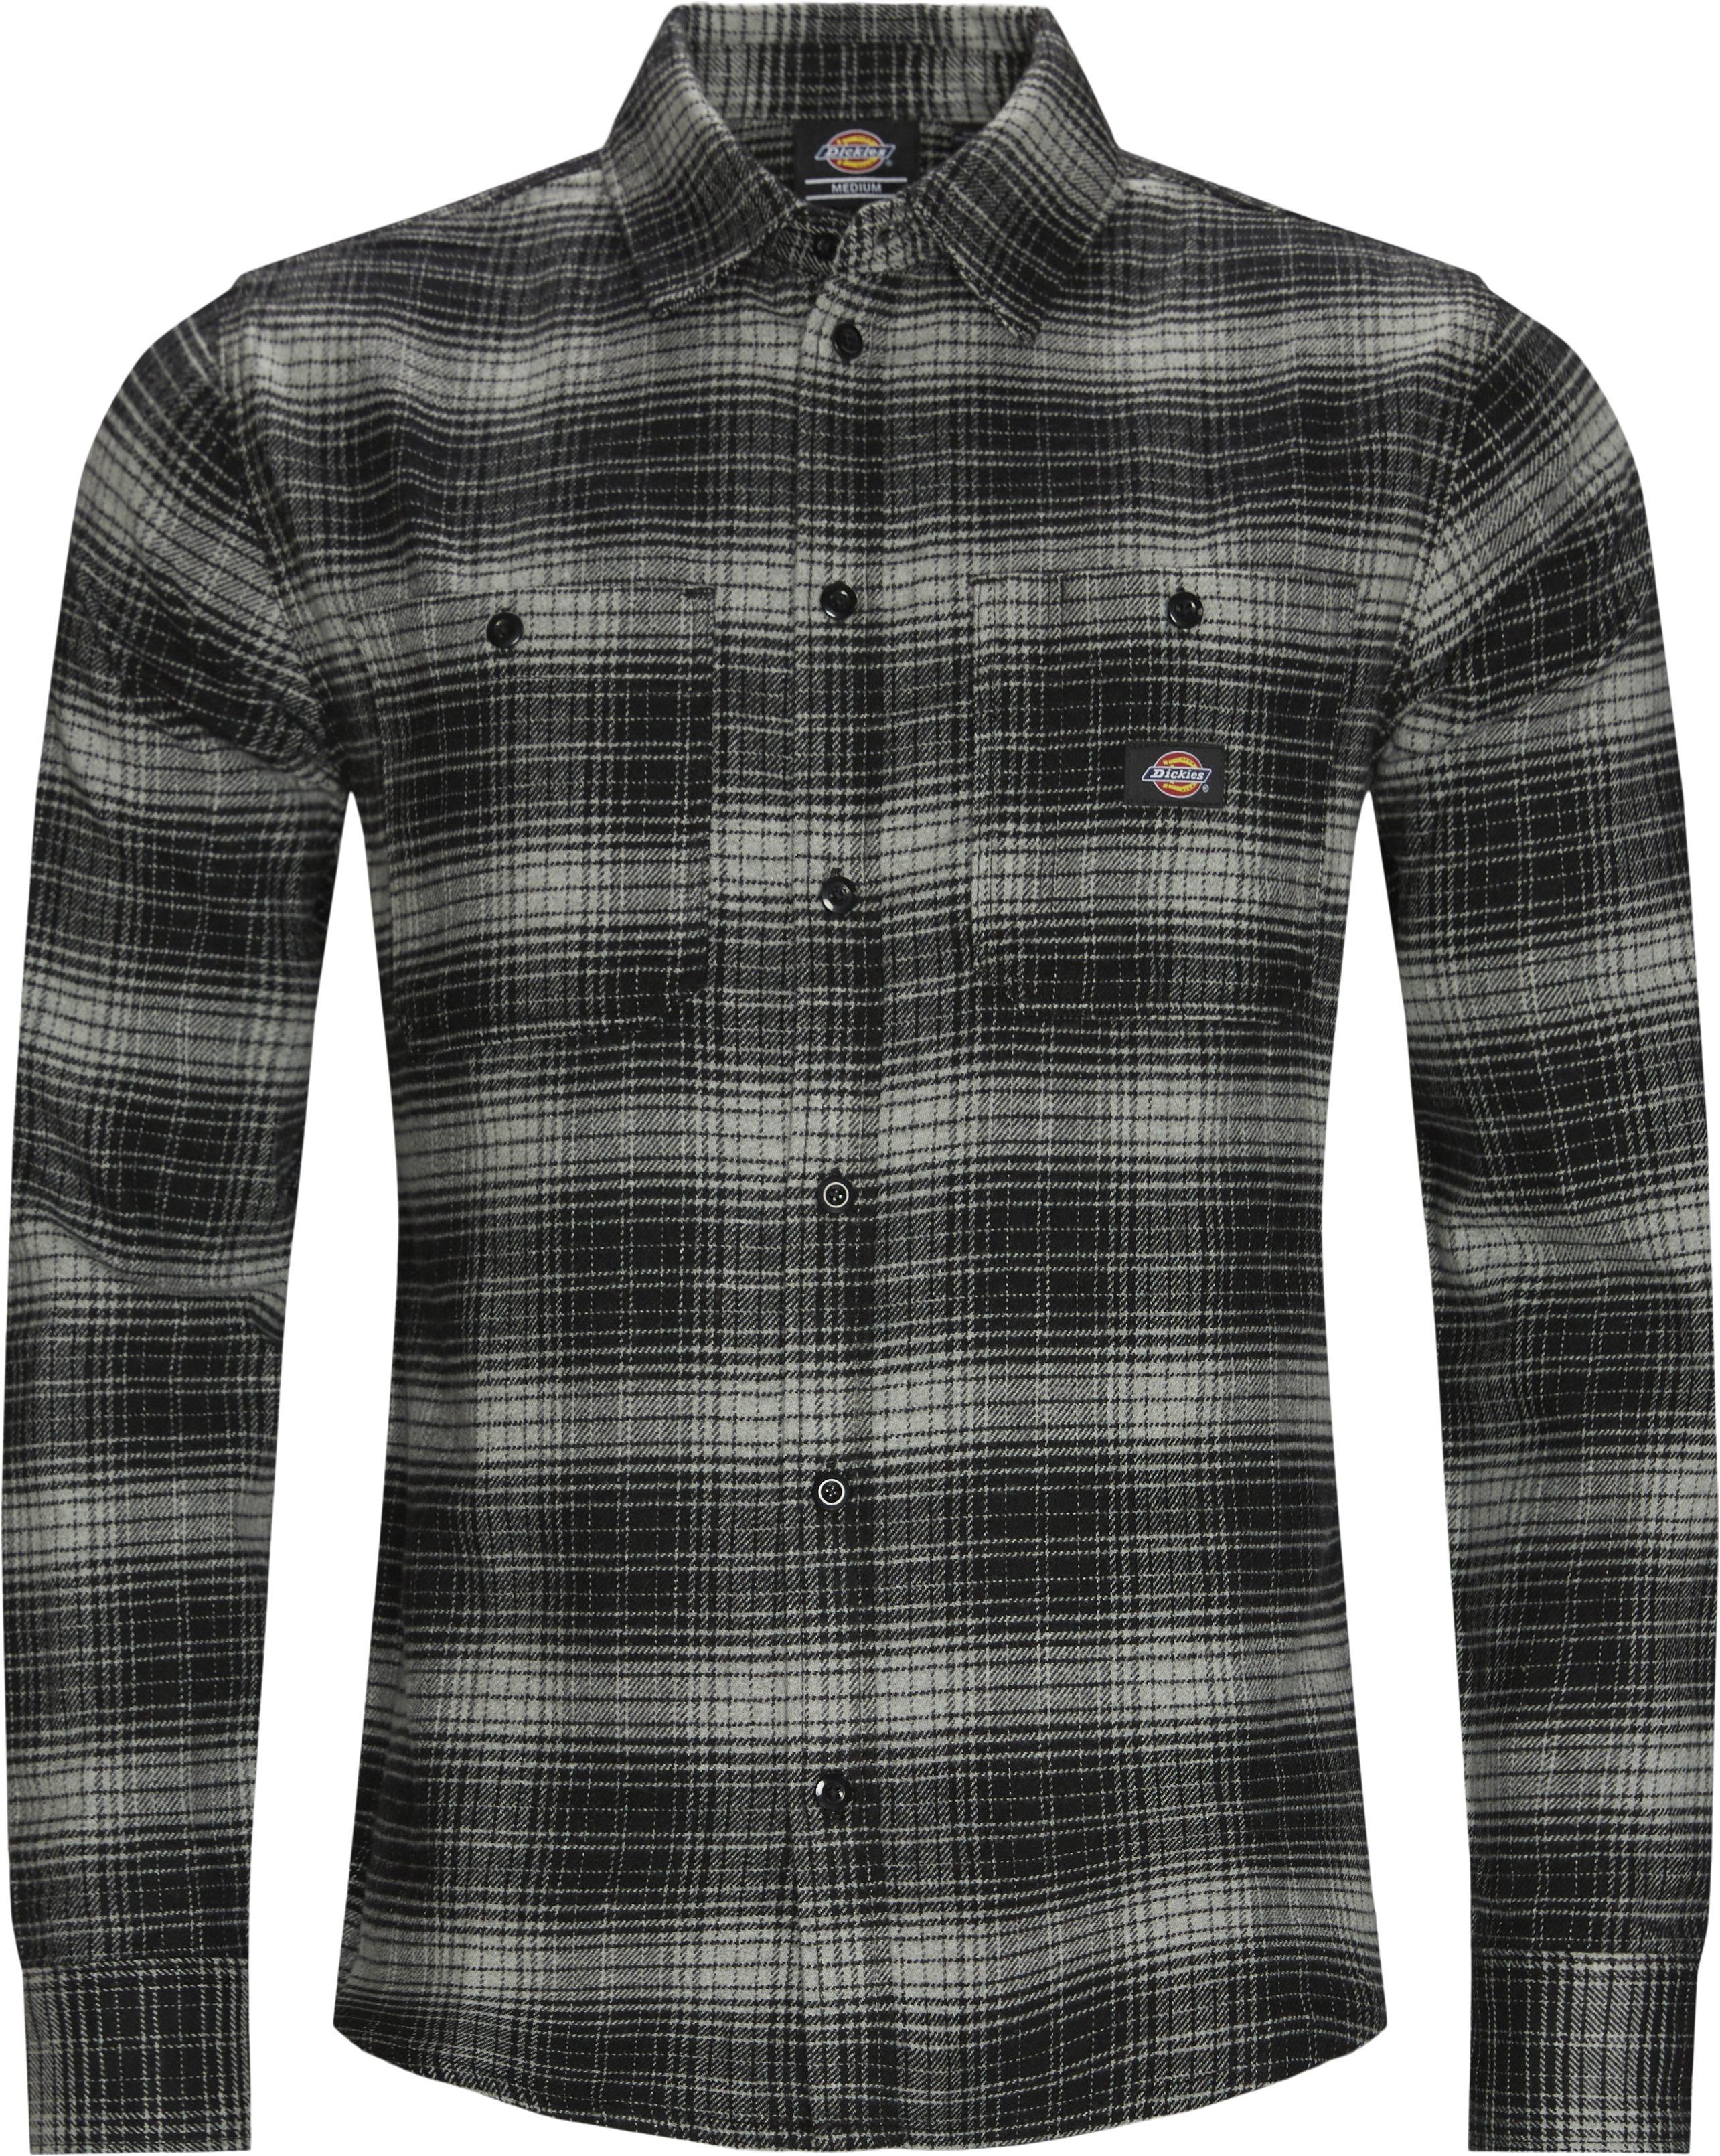 Evansville Skjorte - Skjortor - Regular fit - Grå